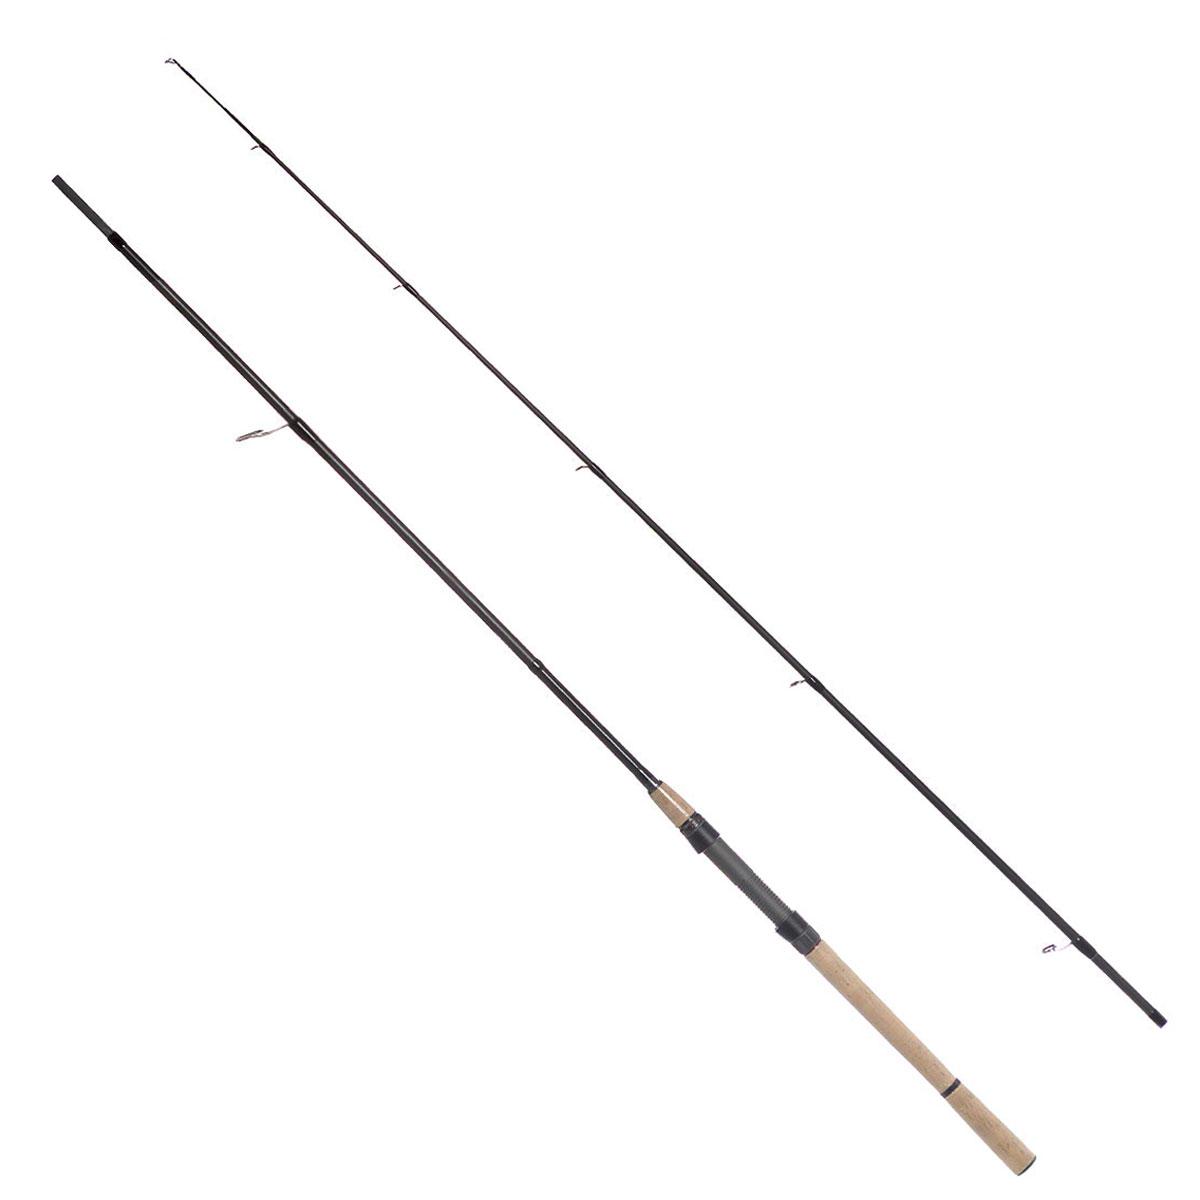 Спиннинг штекерный Daiwa Infinity-Q NEW Jigger, 2,10 м, 3-15 г спиннинг штекерный onlitop matrix 2 7 м 40 80 г